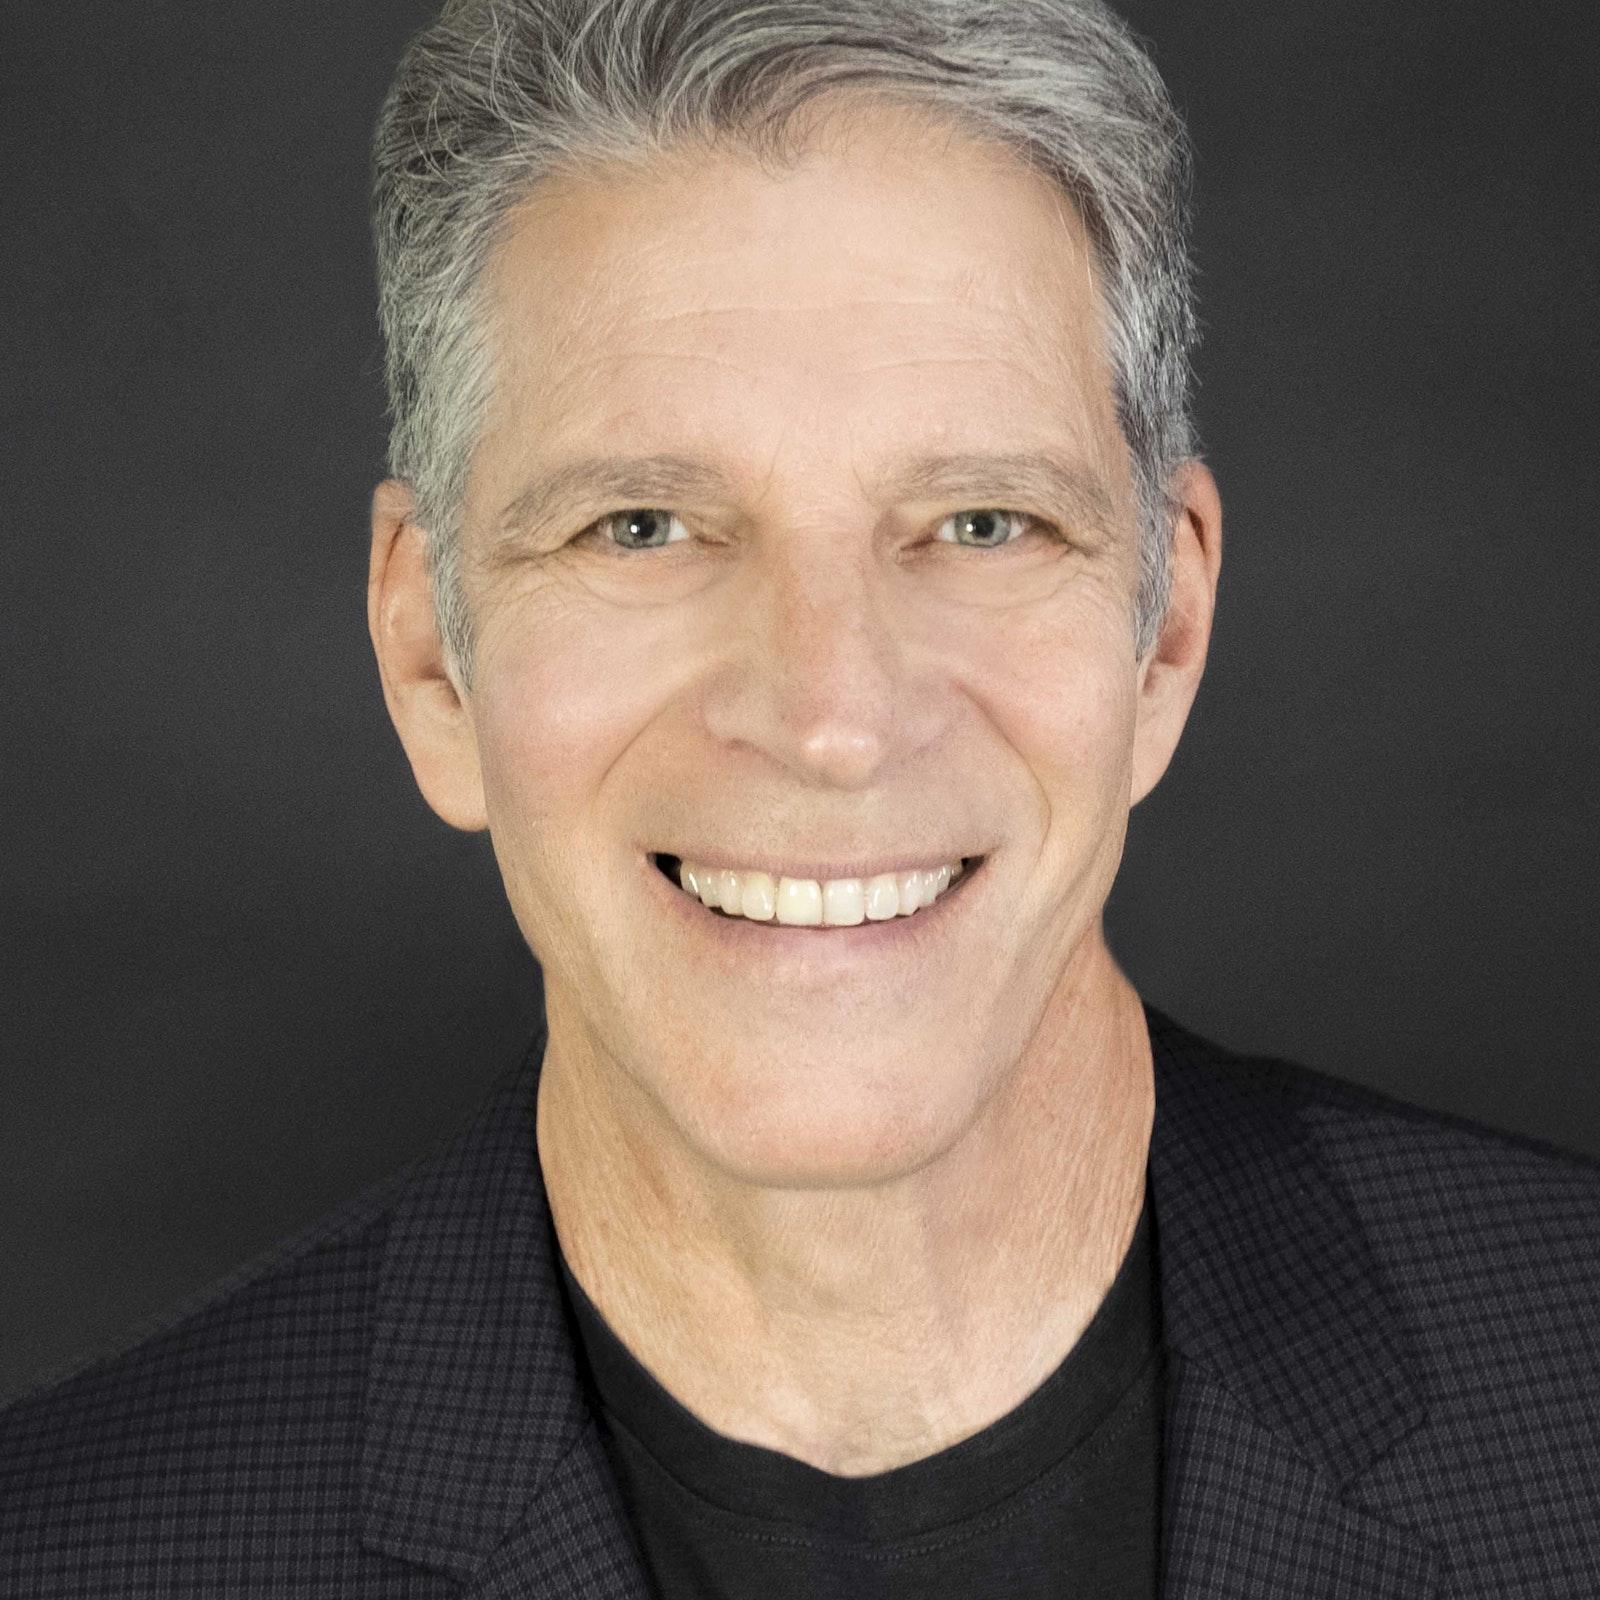 Peter M. Bernstein